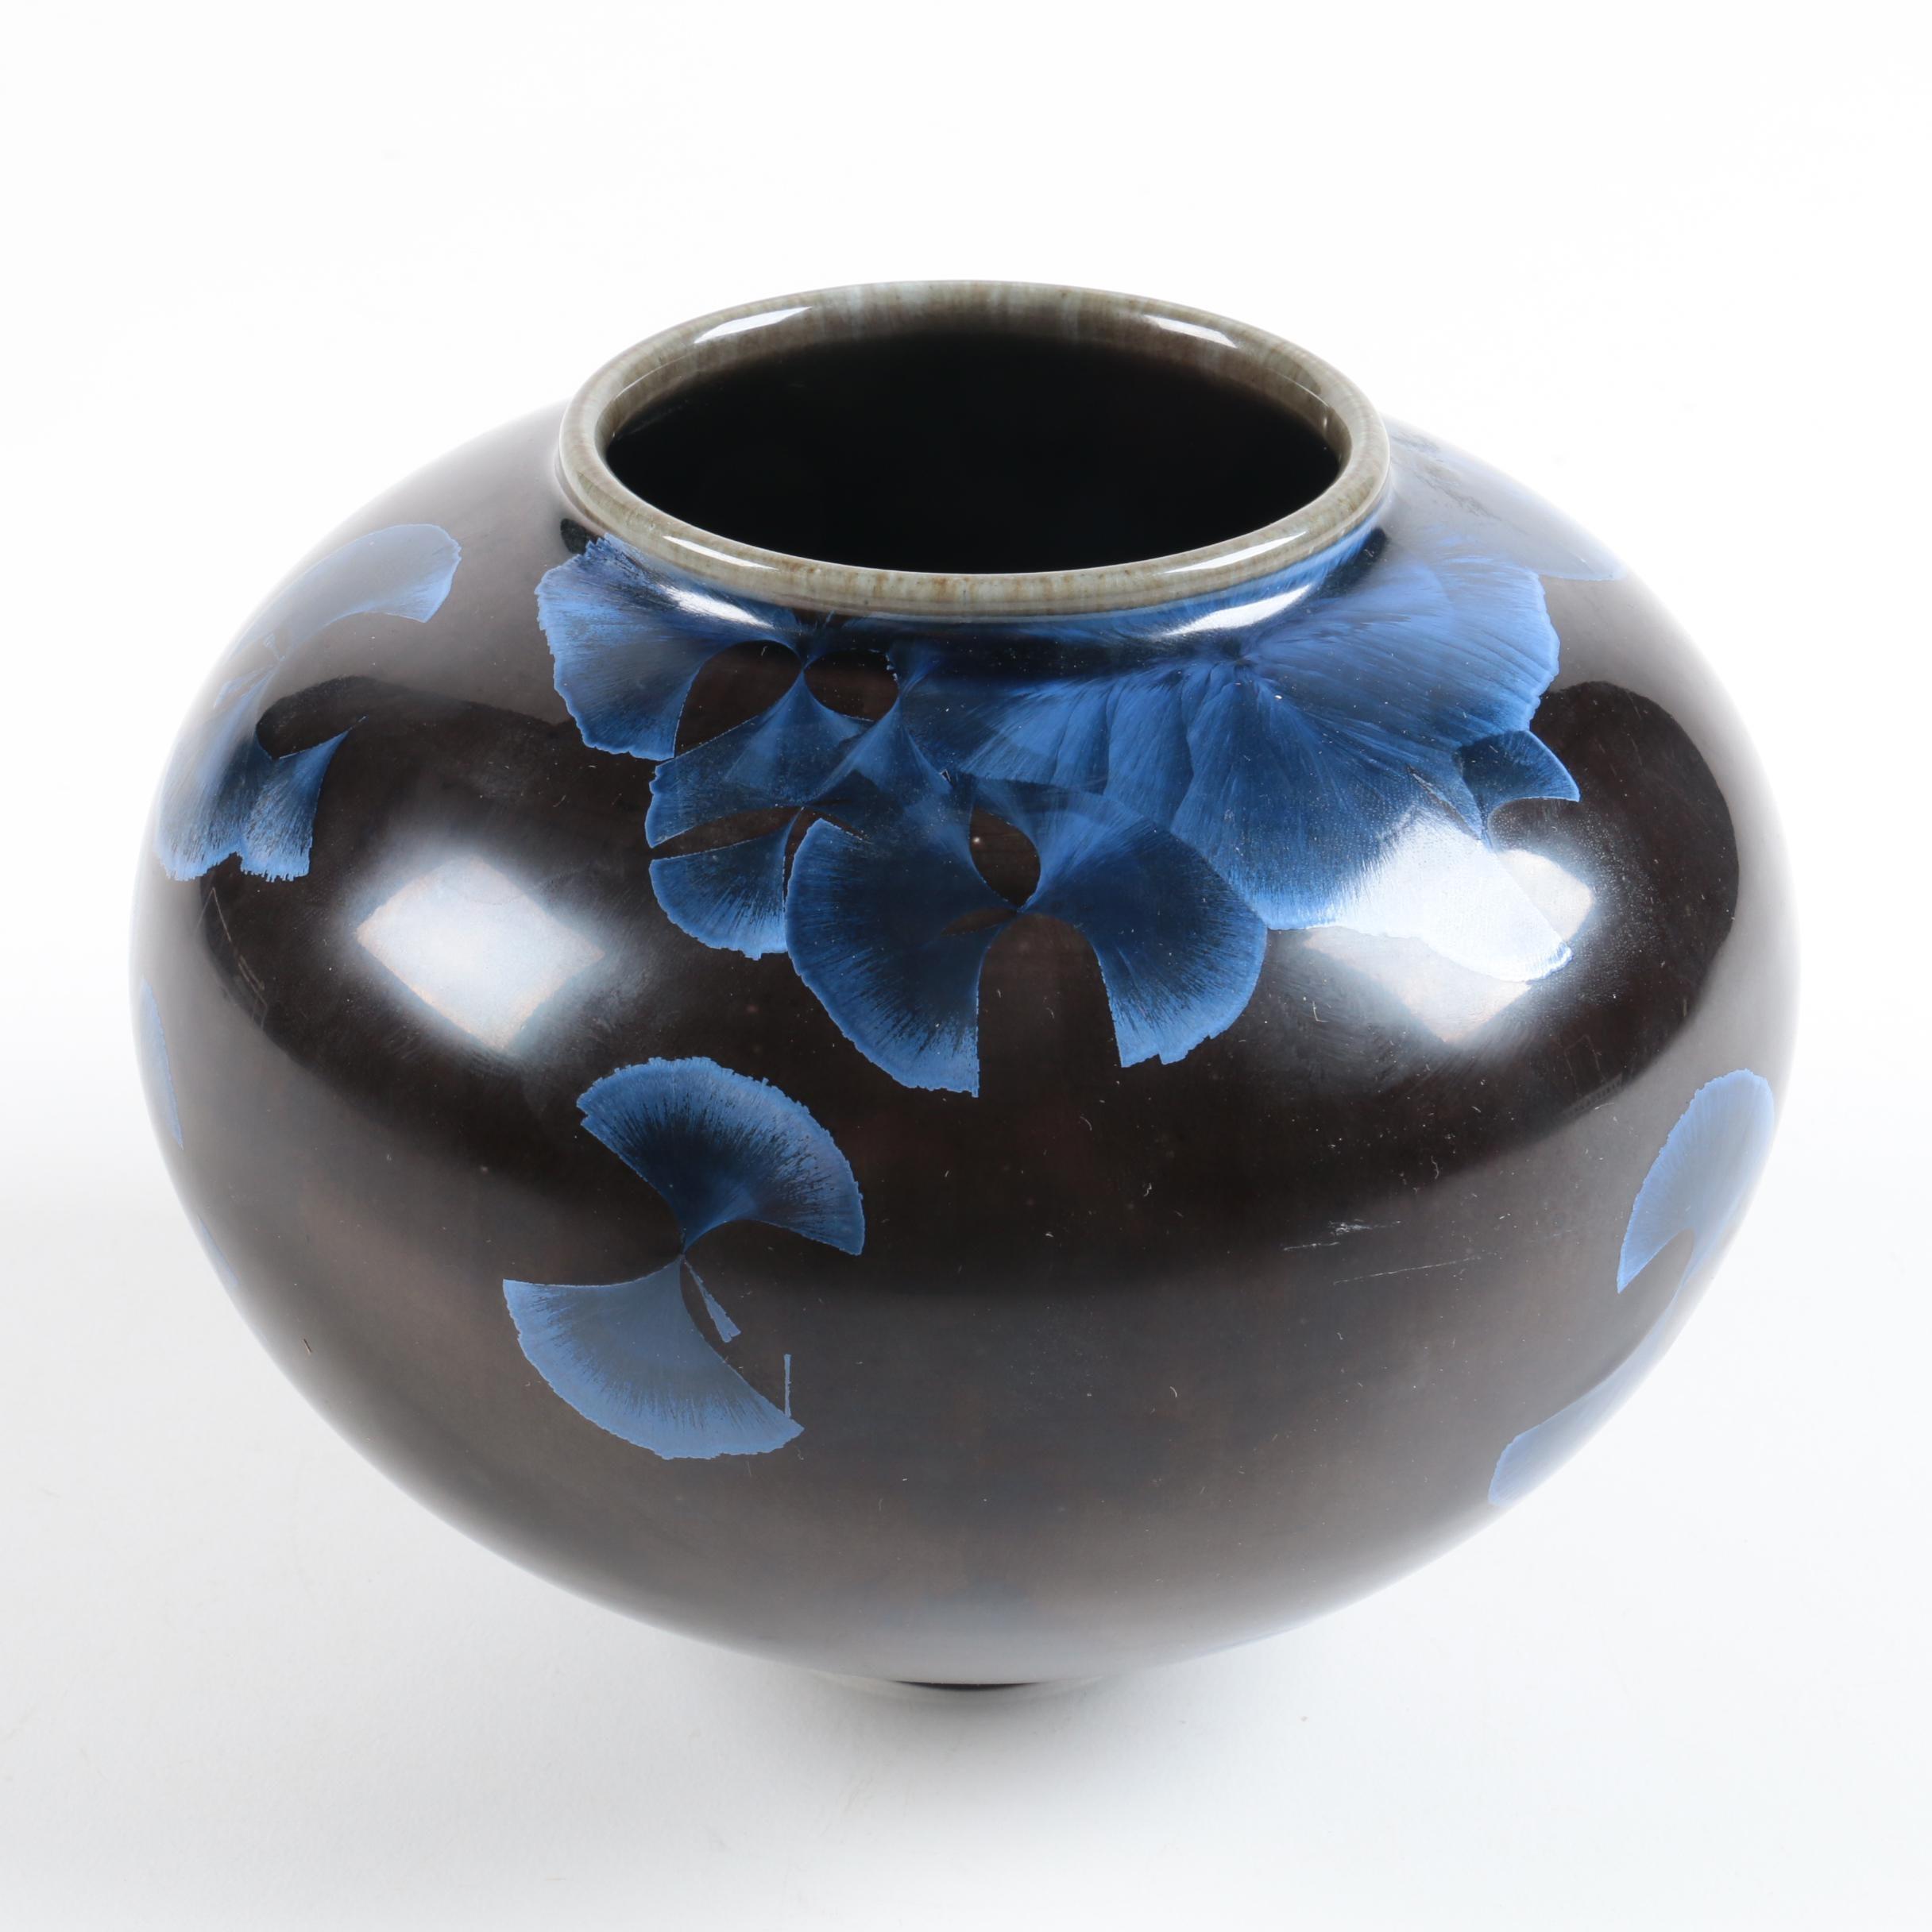 Tim Marcotte Signed Hand Thrown Crystalline Glaze Porcelain Vase